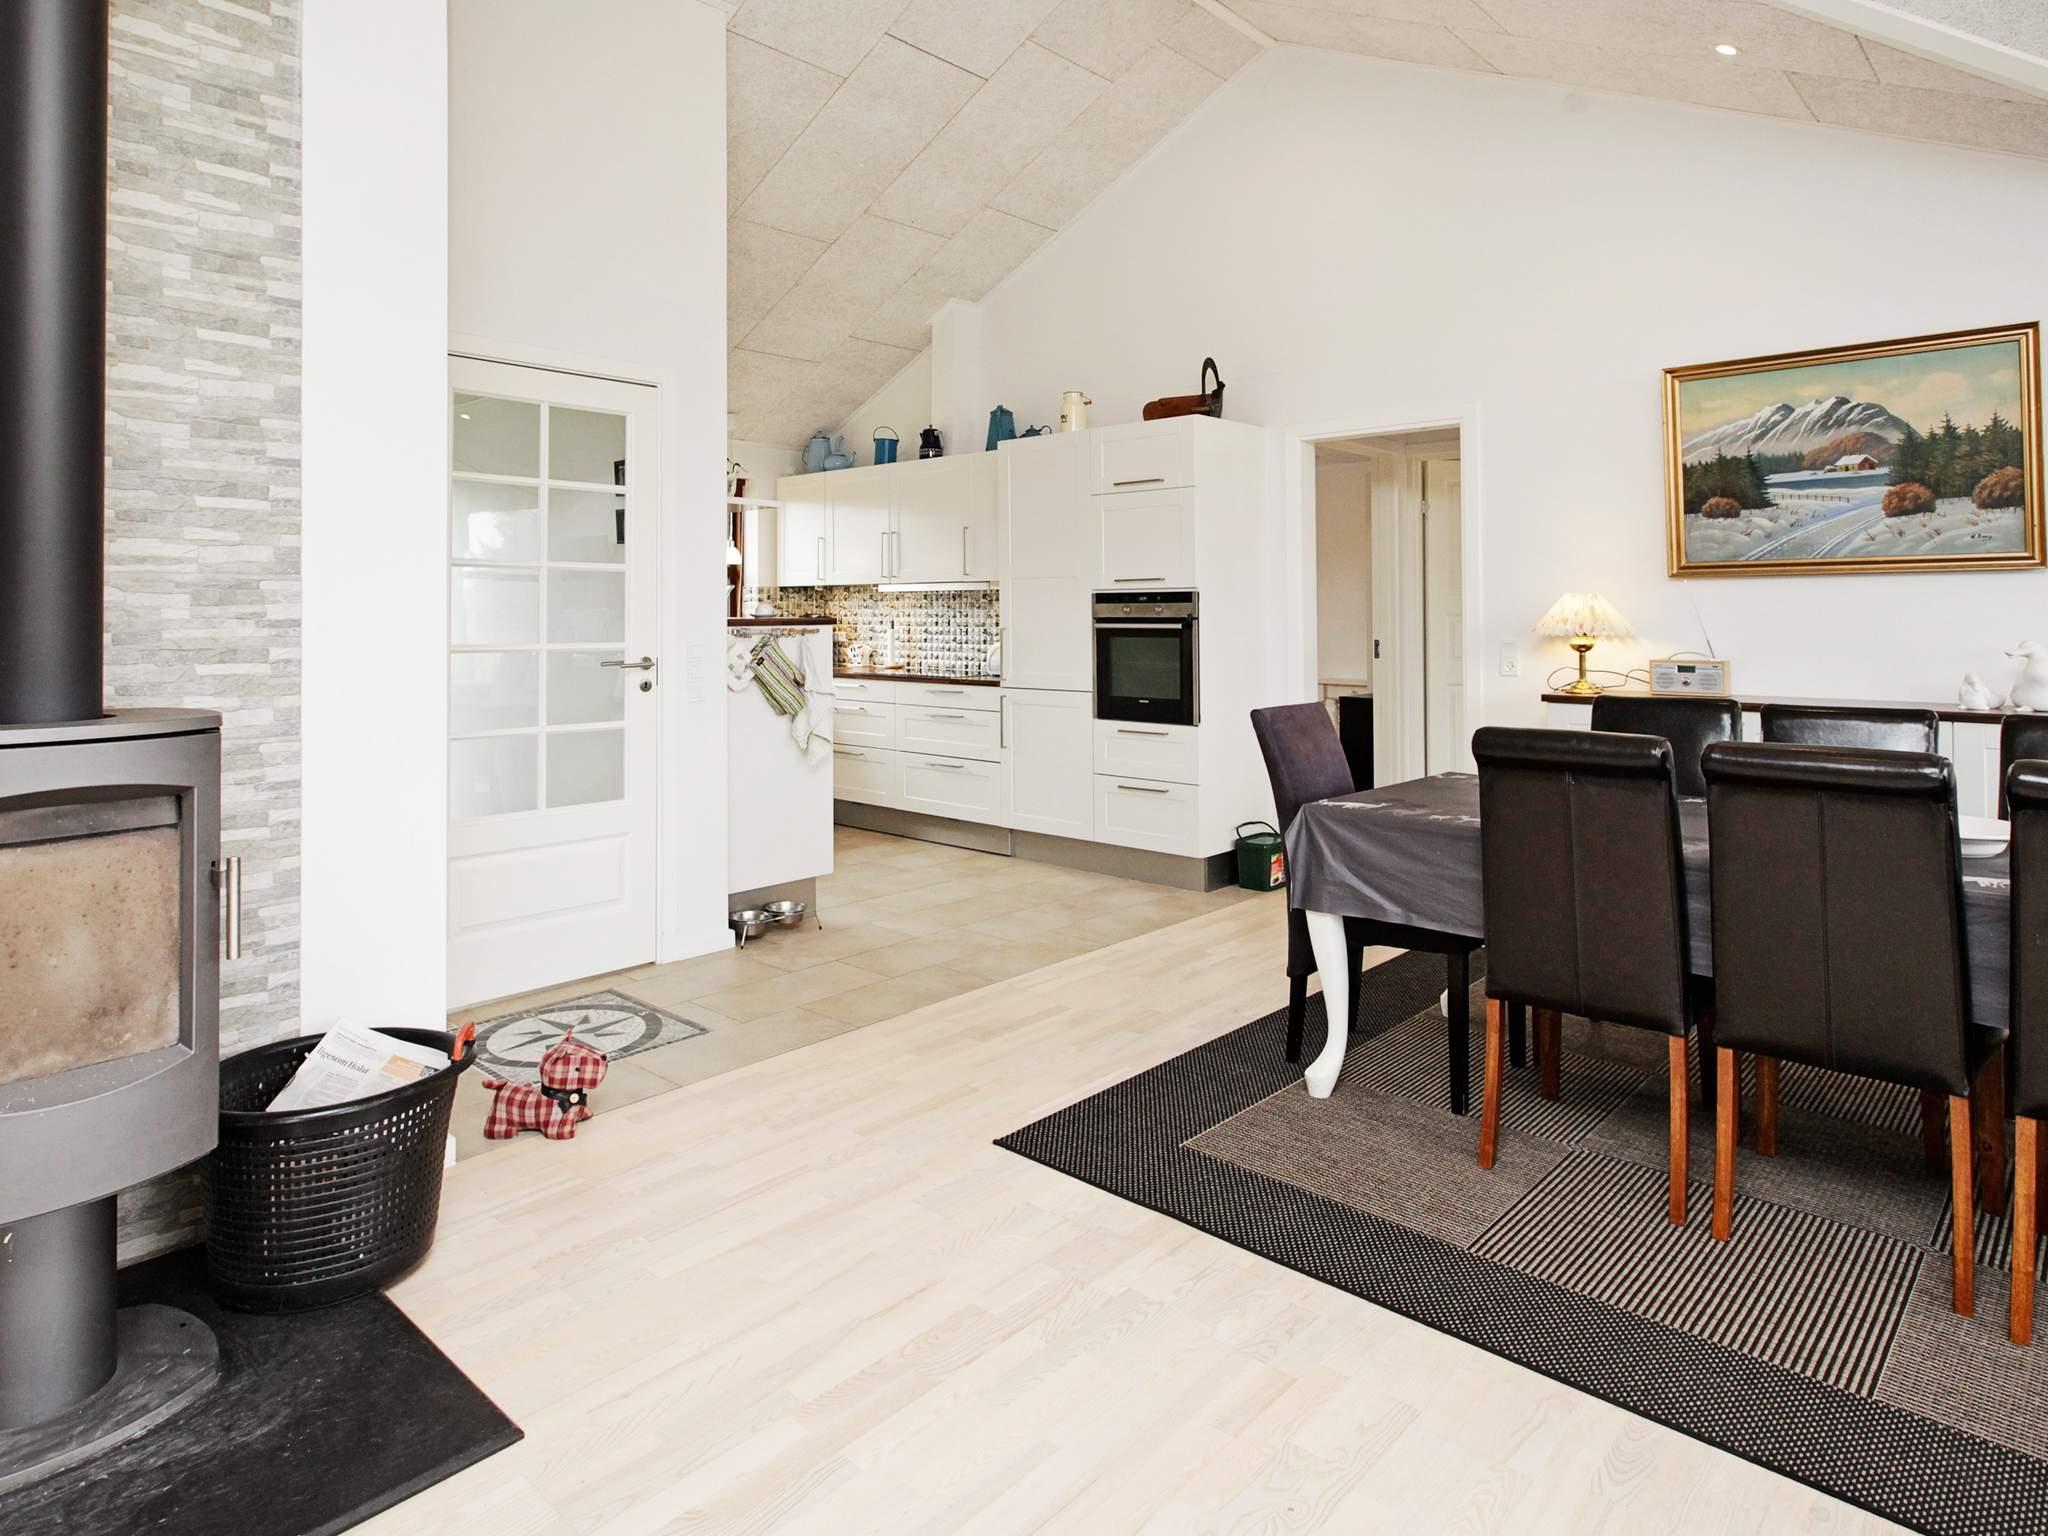 Ferienhaus Kjul Strand (2355503), Hirtshals, , Nordwestjütland, Dänemark, Bild 6